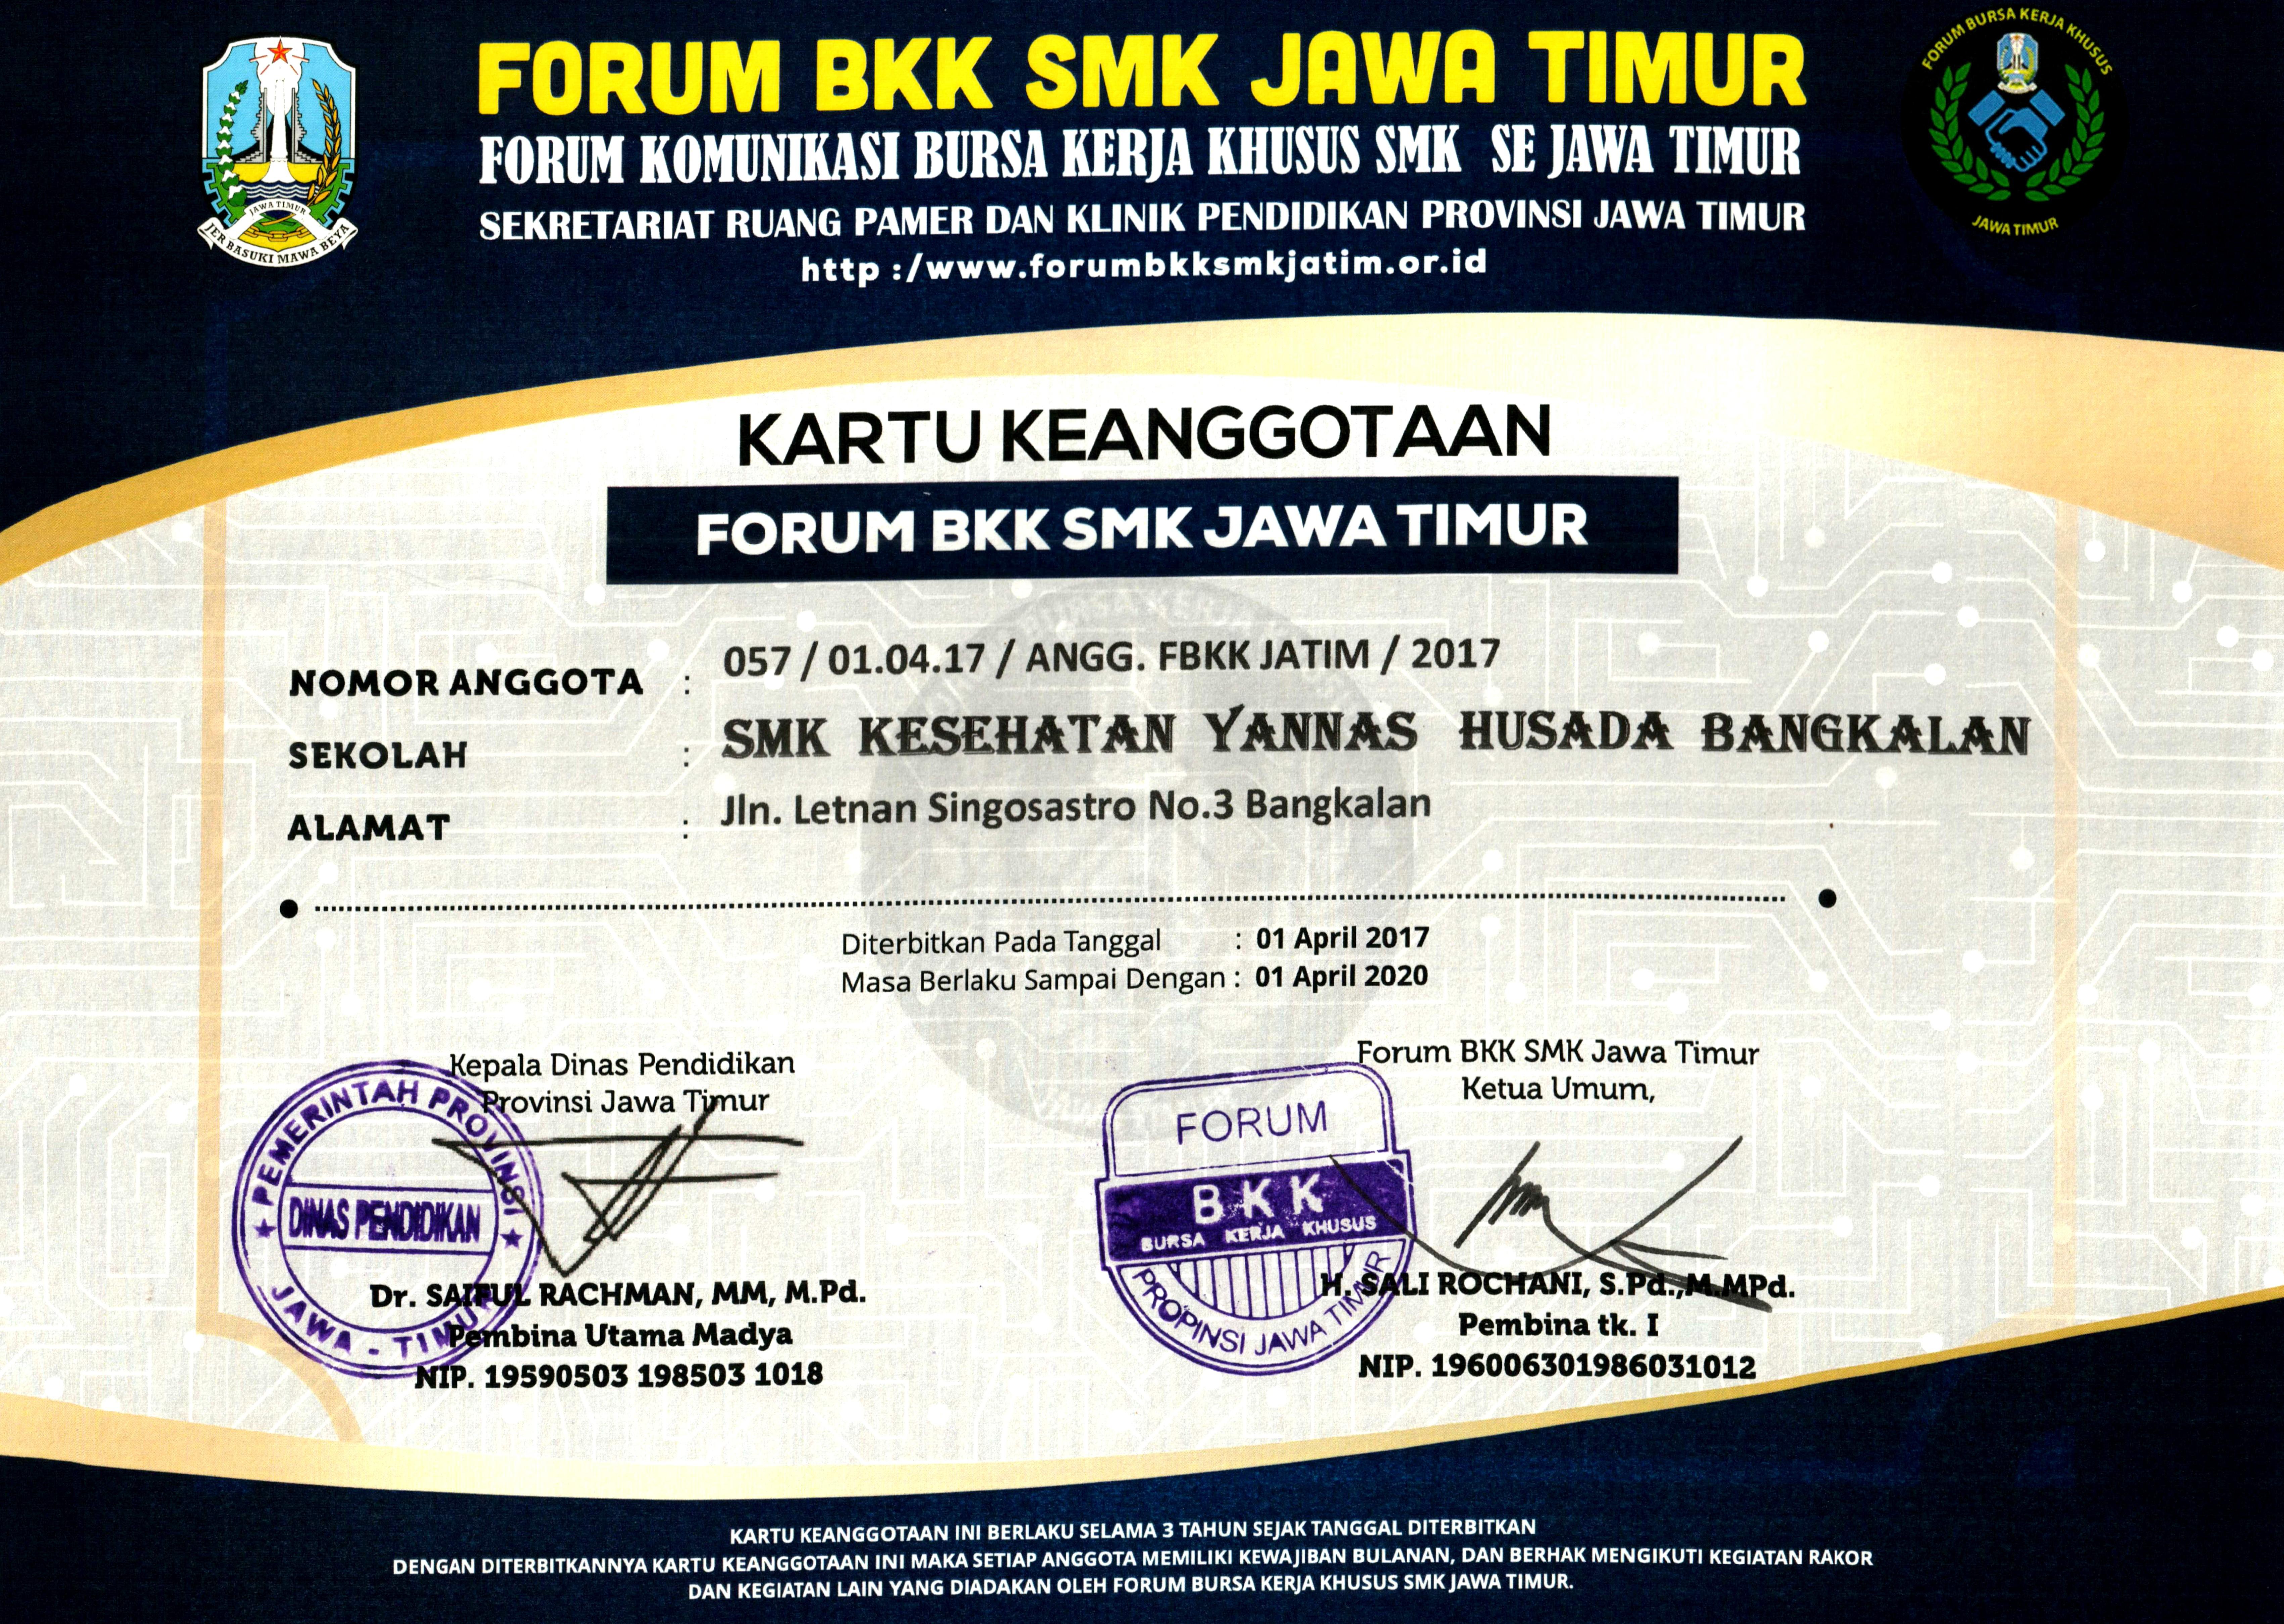 KARTU_KEANGGOTAAN_Forum_BKK_SMK_Jawa_Timur_SMKS_Kesehatan_Yannas_Husada